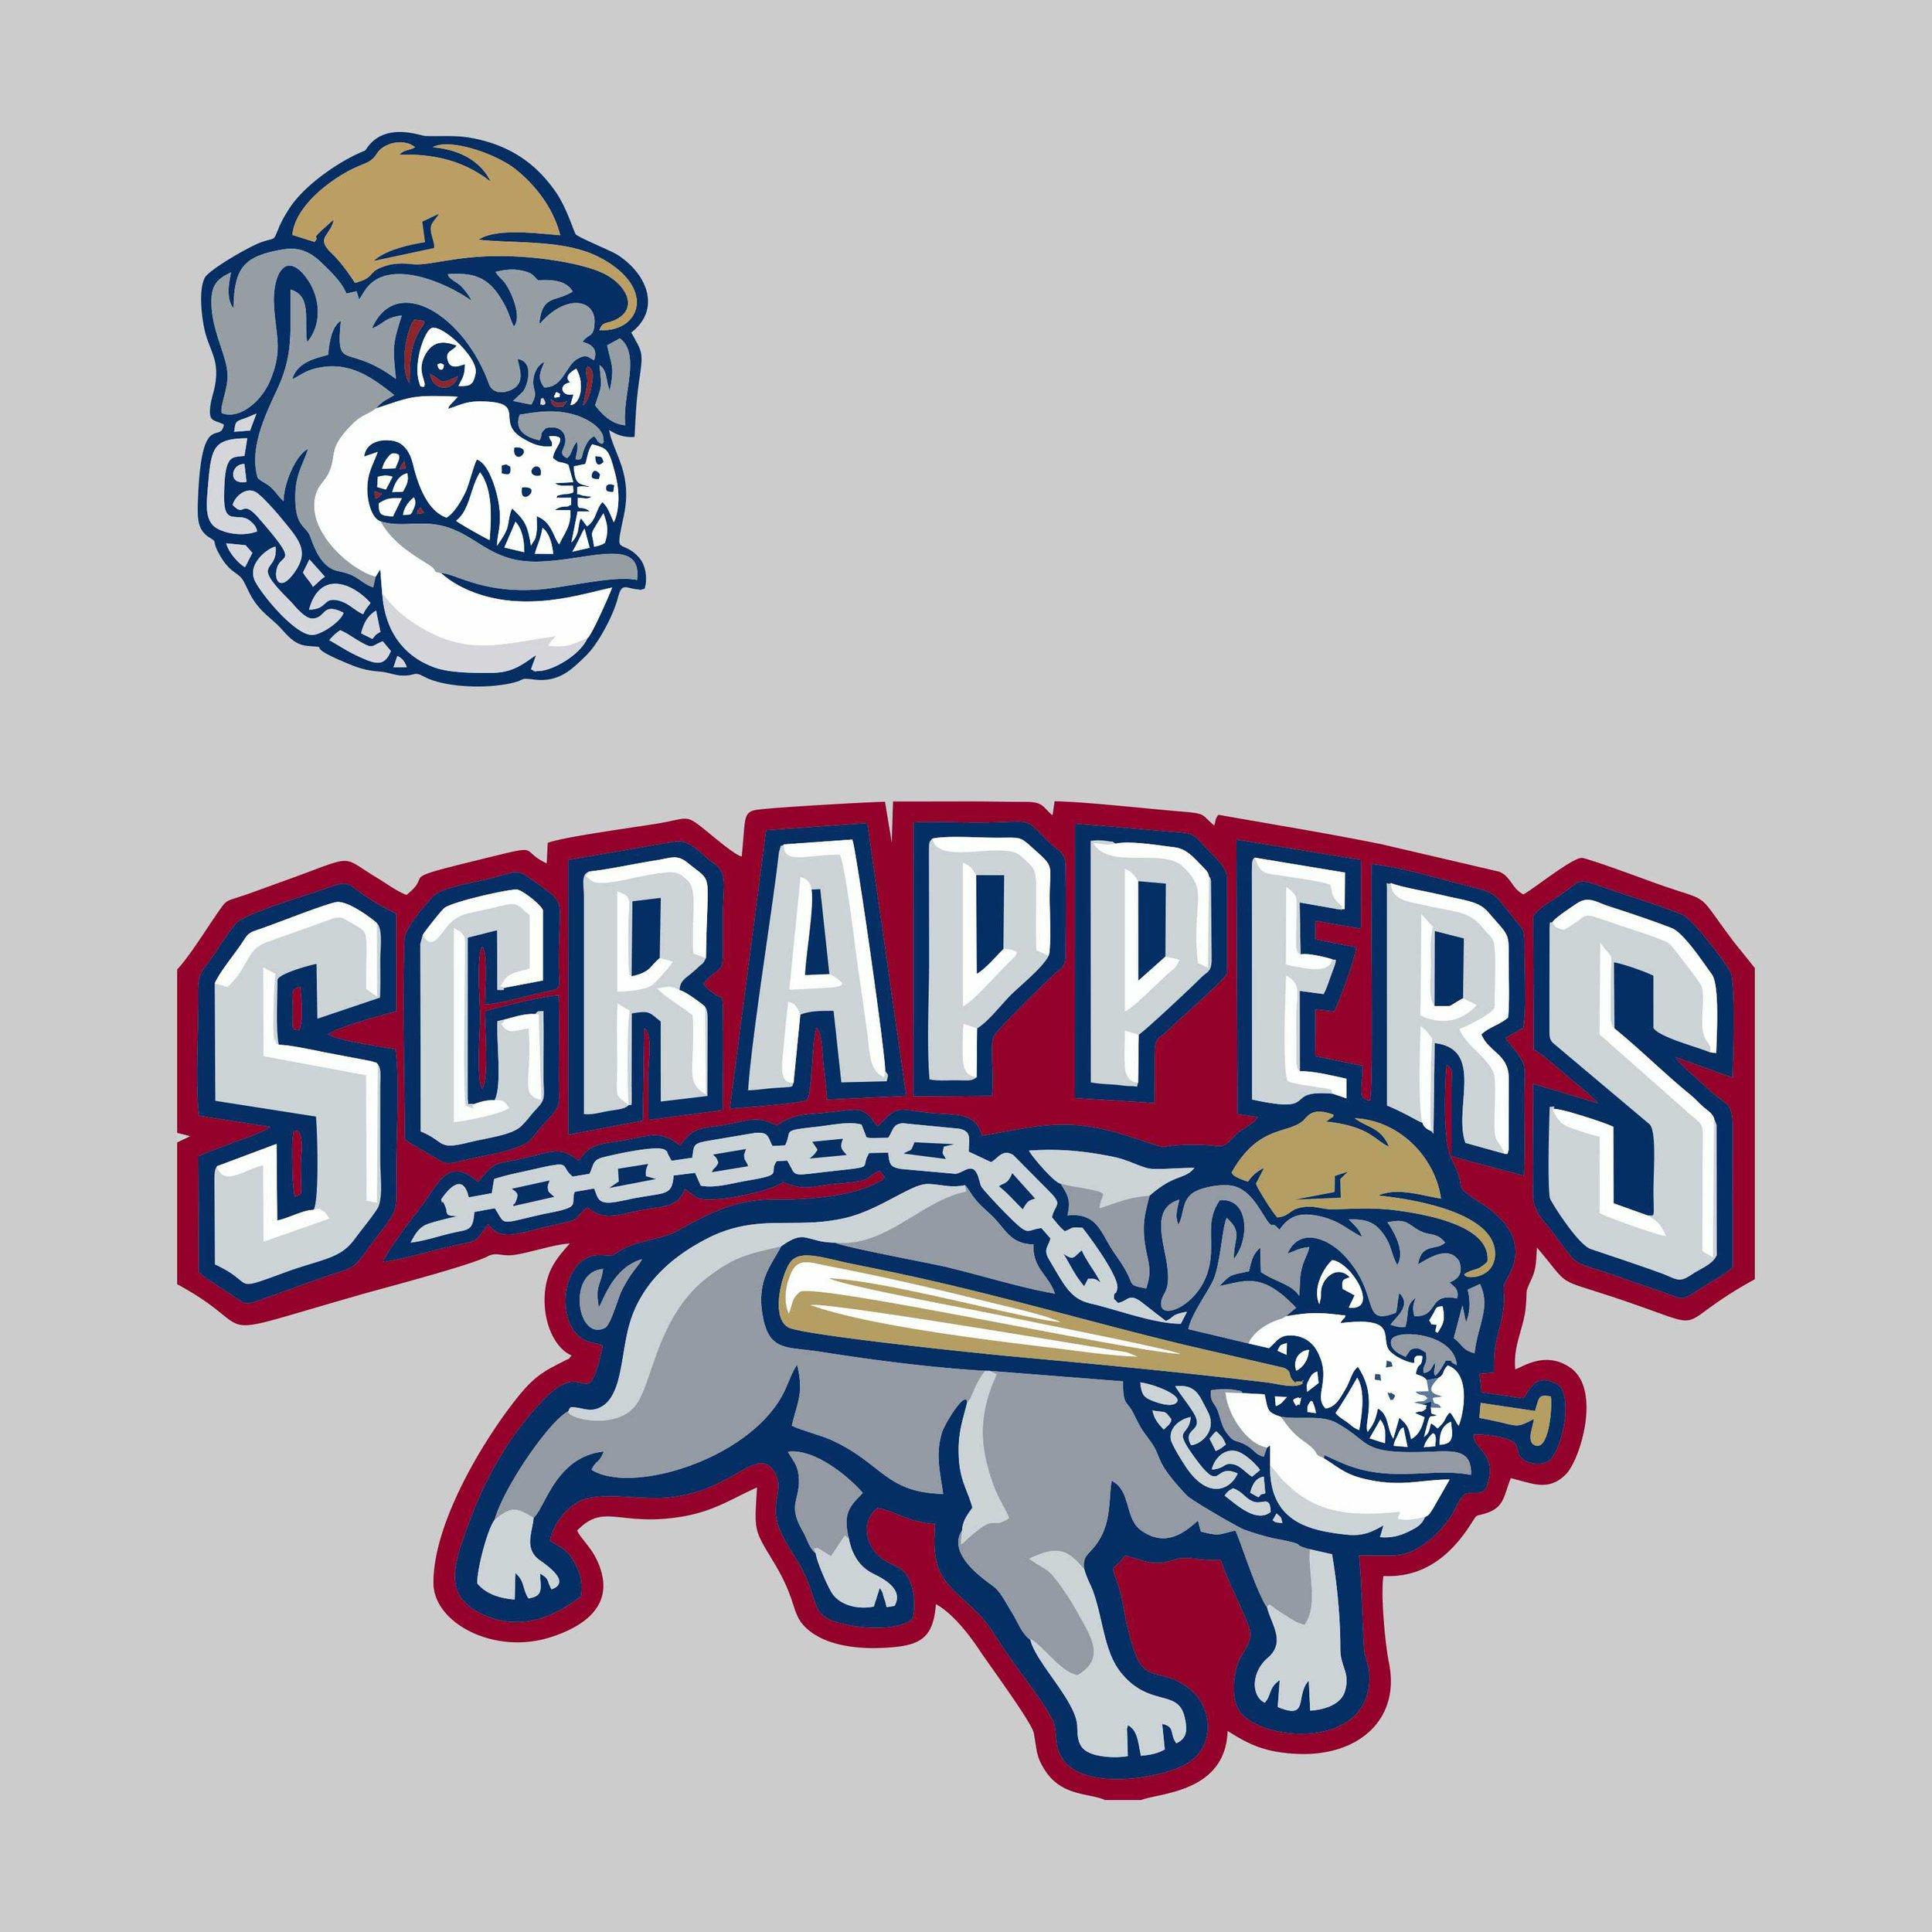 Scrappers.jpg